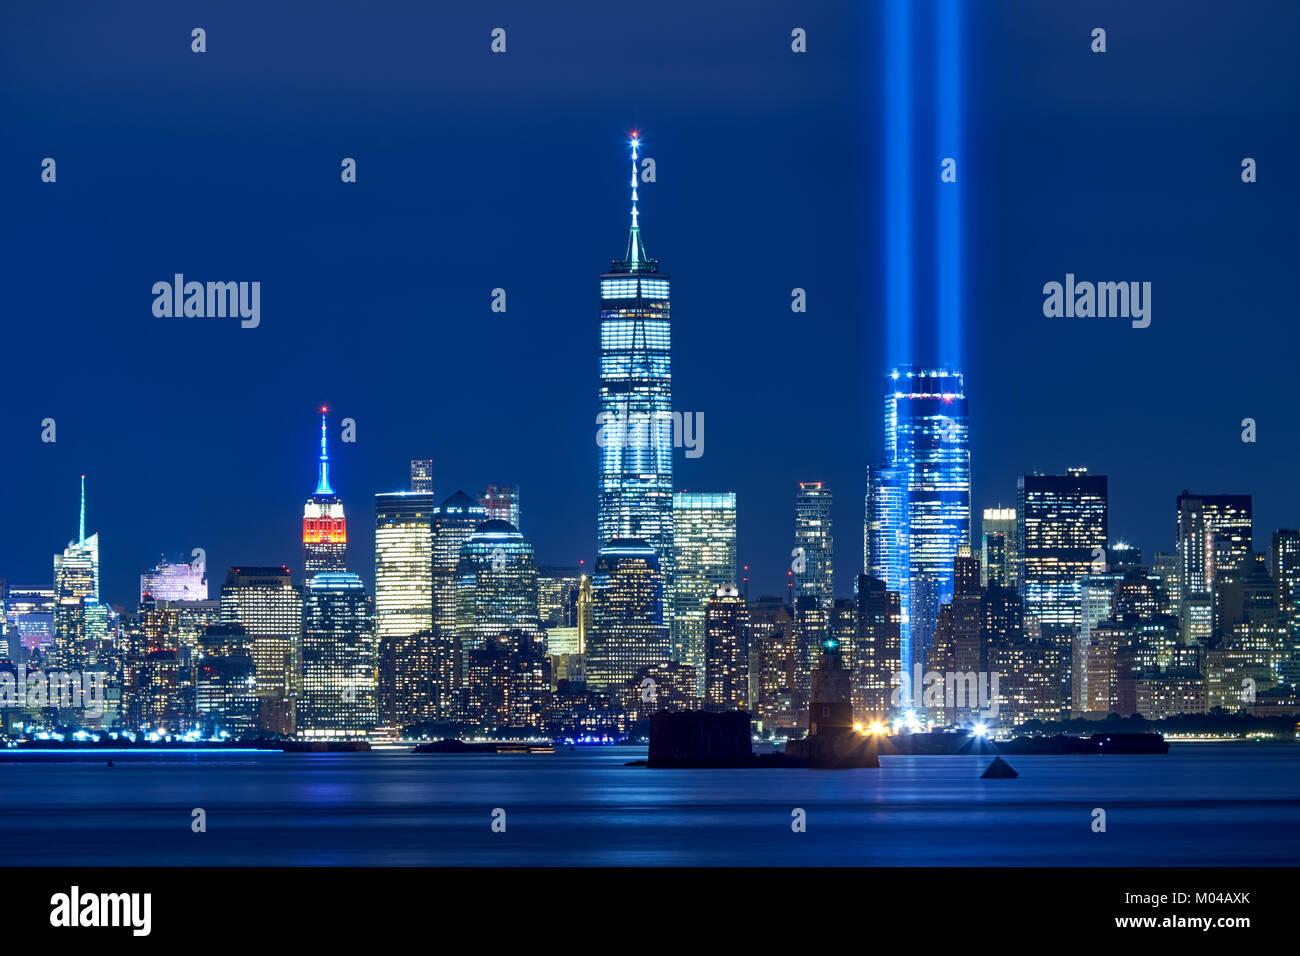 Die beiden Balken des Tribute in Light mit Wolkenkratzern im Finanzviertel in der Nacht. Lower Manhattan, New York Stockbild